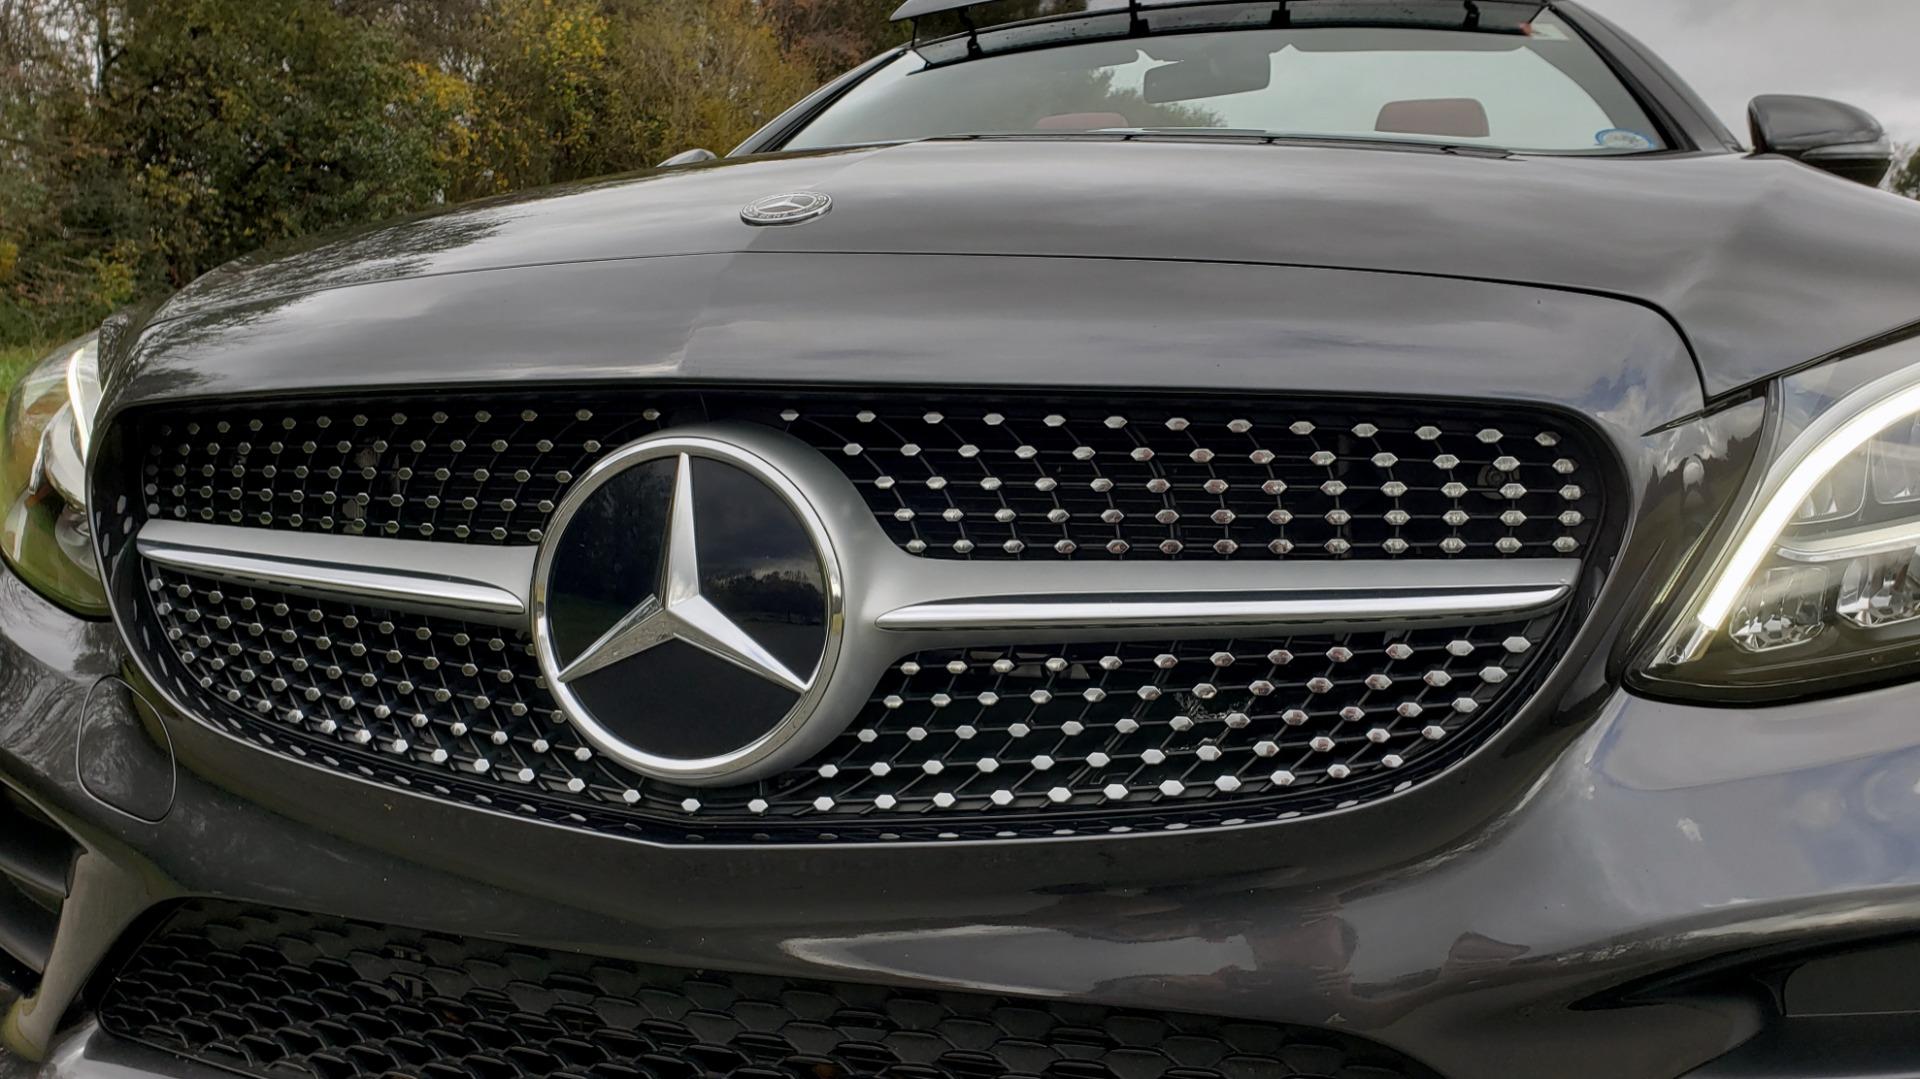 Used 2019 Mercedes-Benz C-CLASS C 300 CABRIOLET / PREM PKG / NAV / BURMESTER / MULTIMEDIA for sale Sold at Formula Imports in Charlotte NC 28227 18